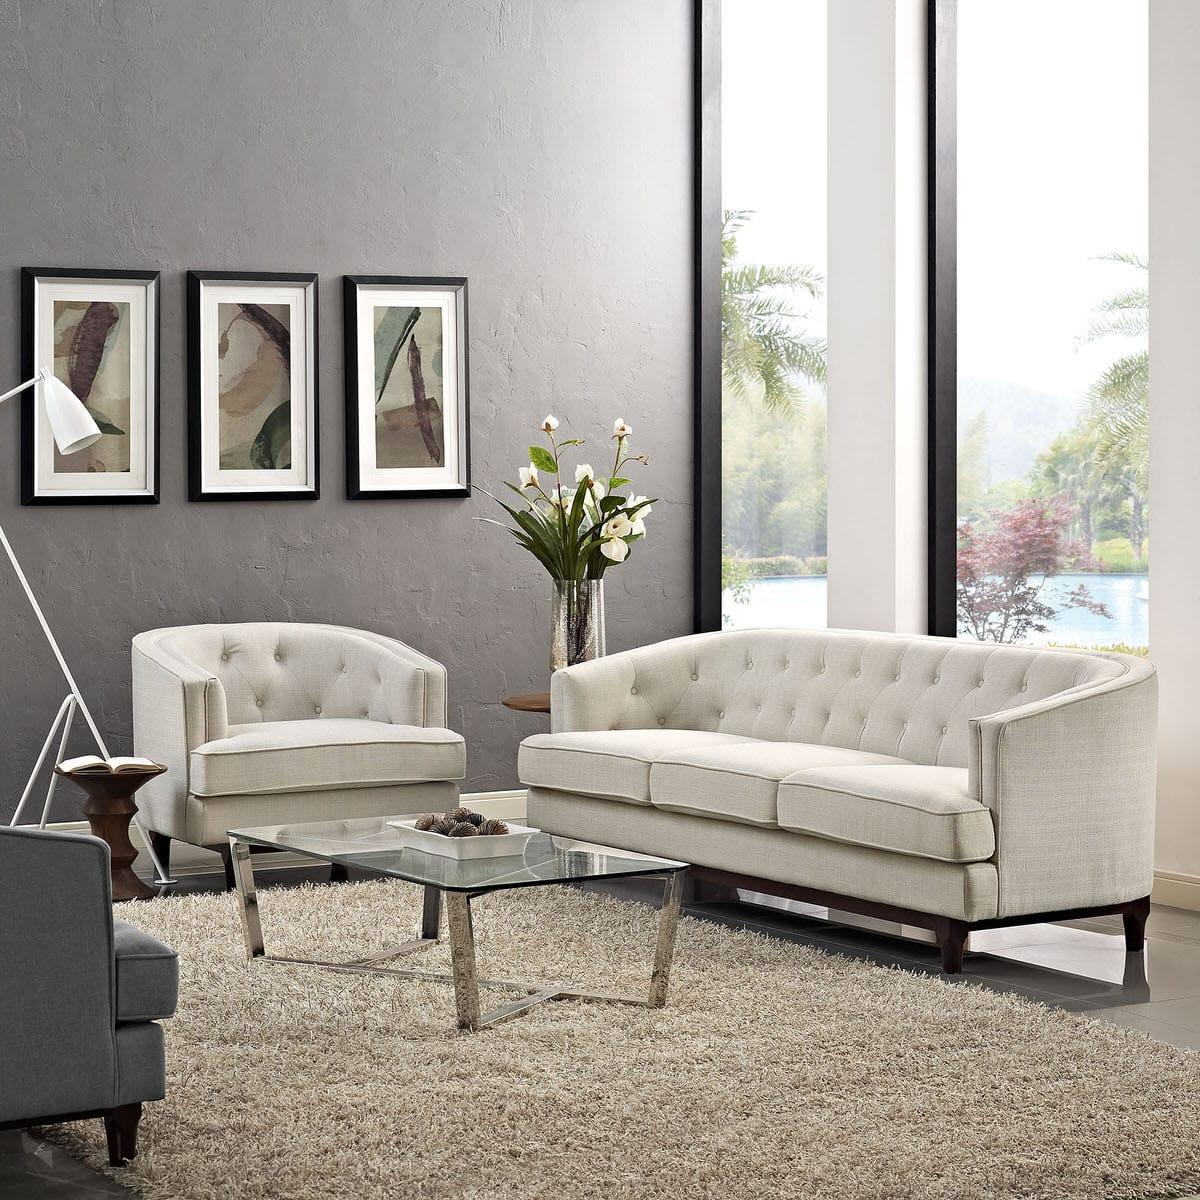 Coast Living Room Set Set of 2 Beige by Modern Living